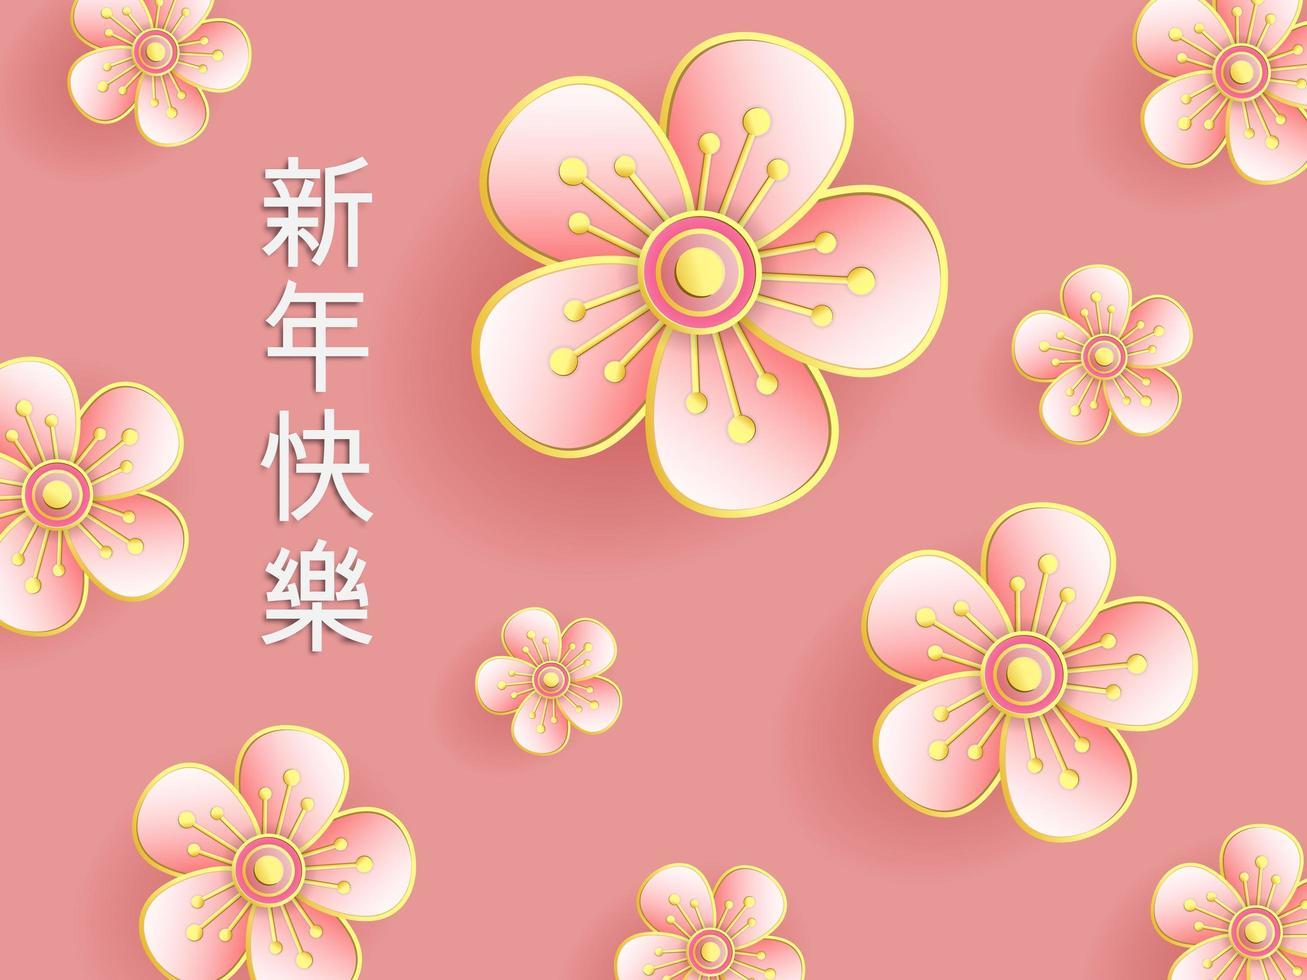 roze bloemenillustratie met Chinese kalligrafie op roze achtergrond vector